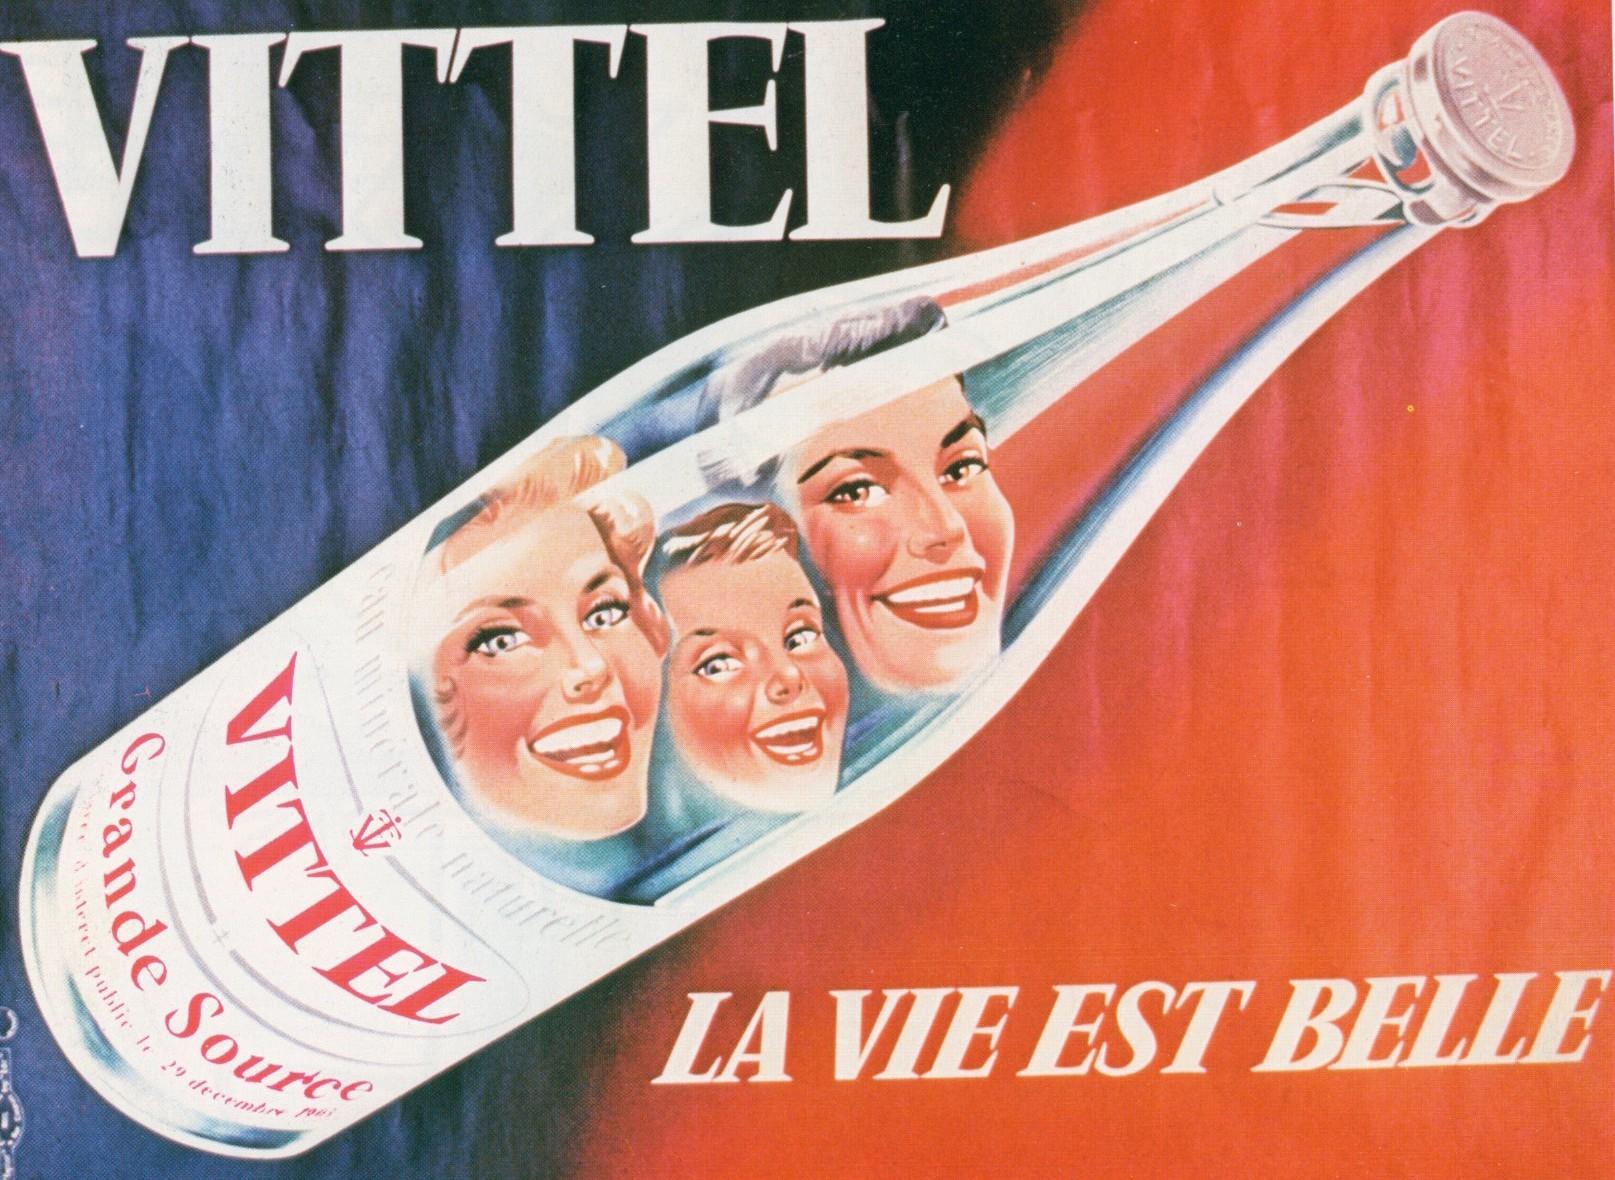 Publicite 1950 1965 42